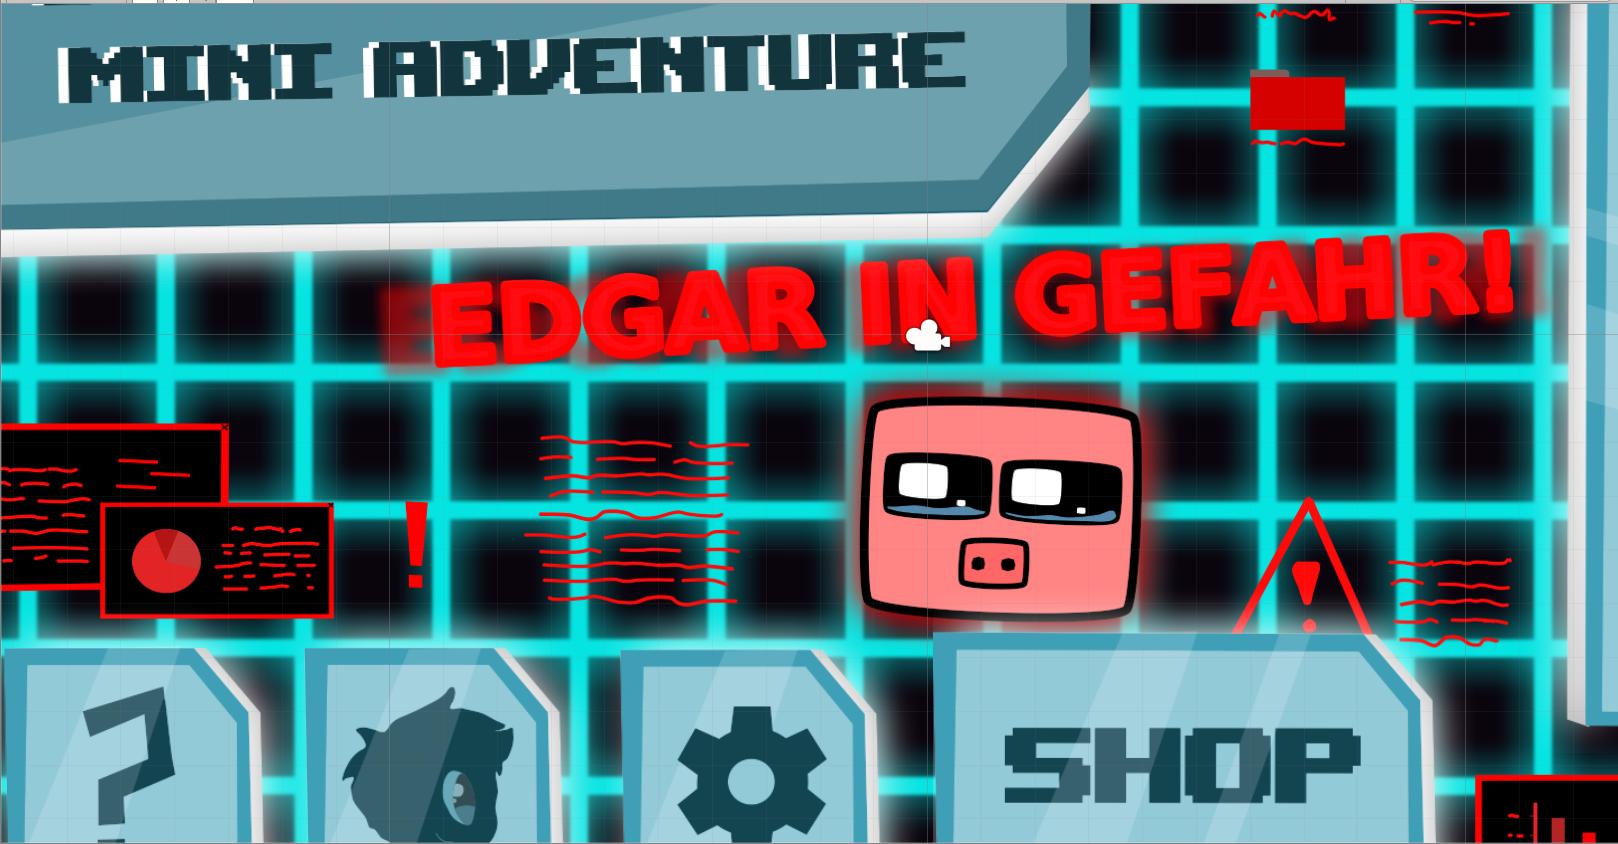 Rettet Edgar Mobile App